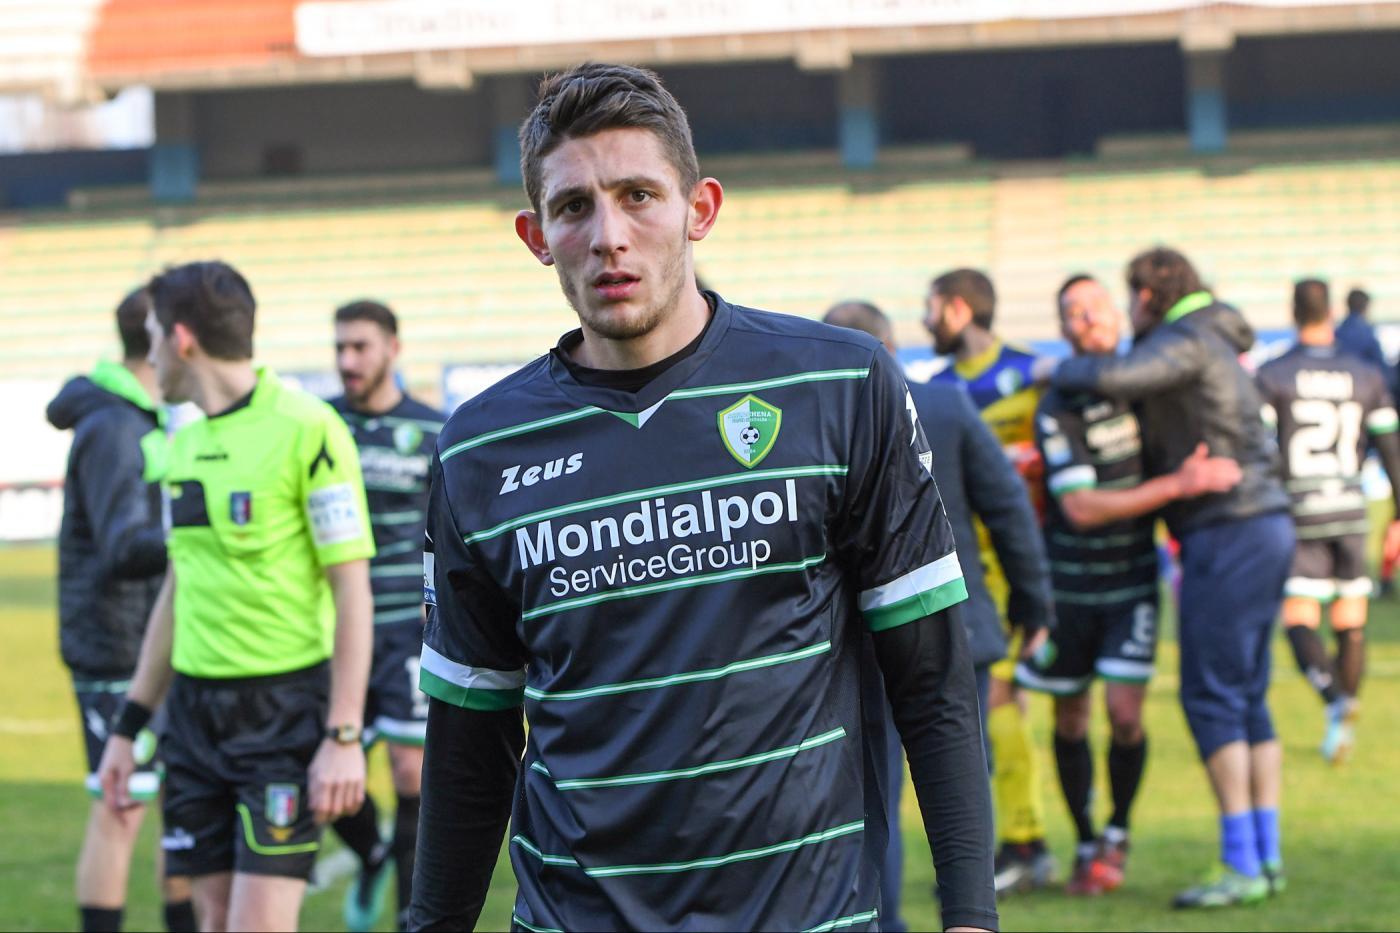 Serie C Gruppo A, Arzachena-Pontedera 23 marzo:: analisi e pronostico della giornata della terza divisione calcistica italiana